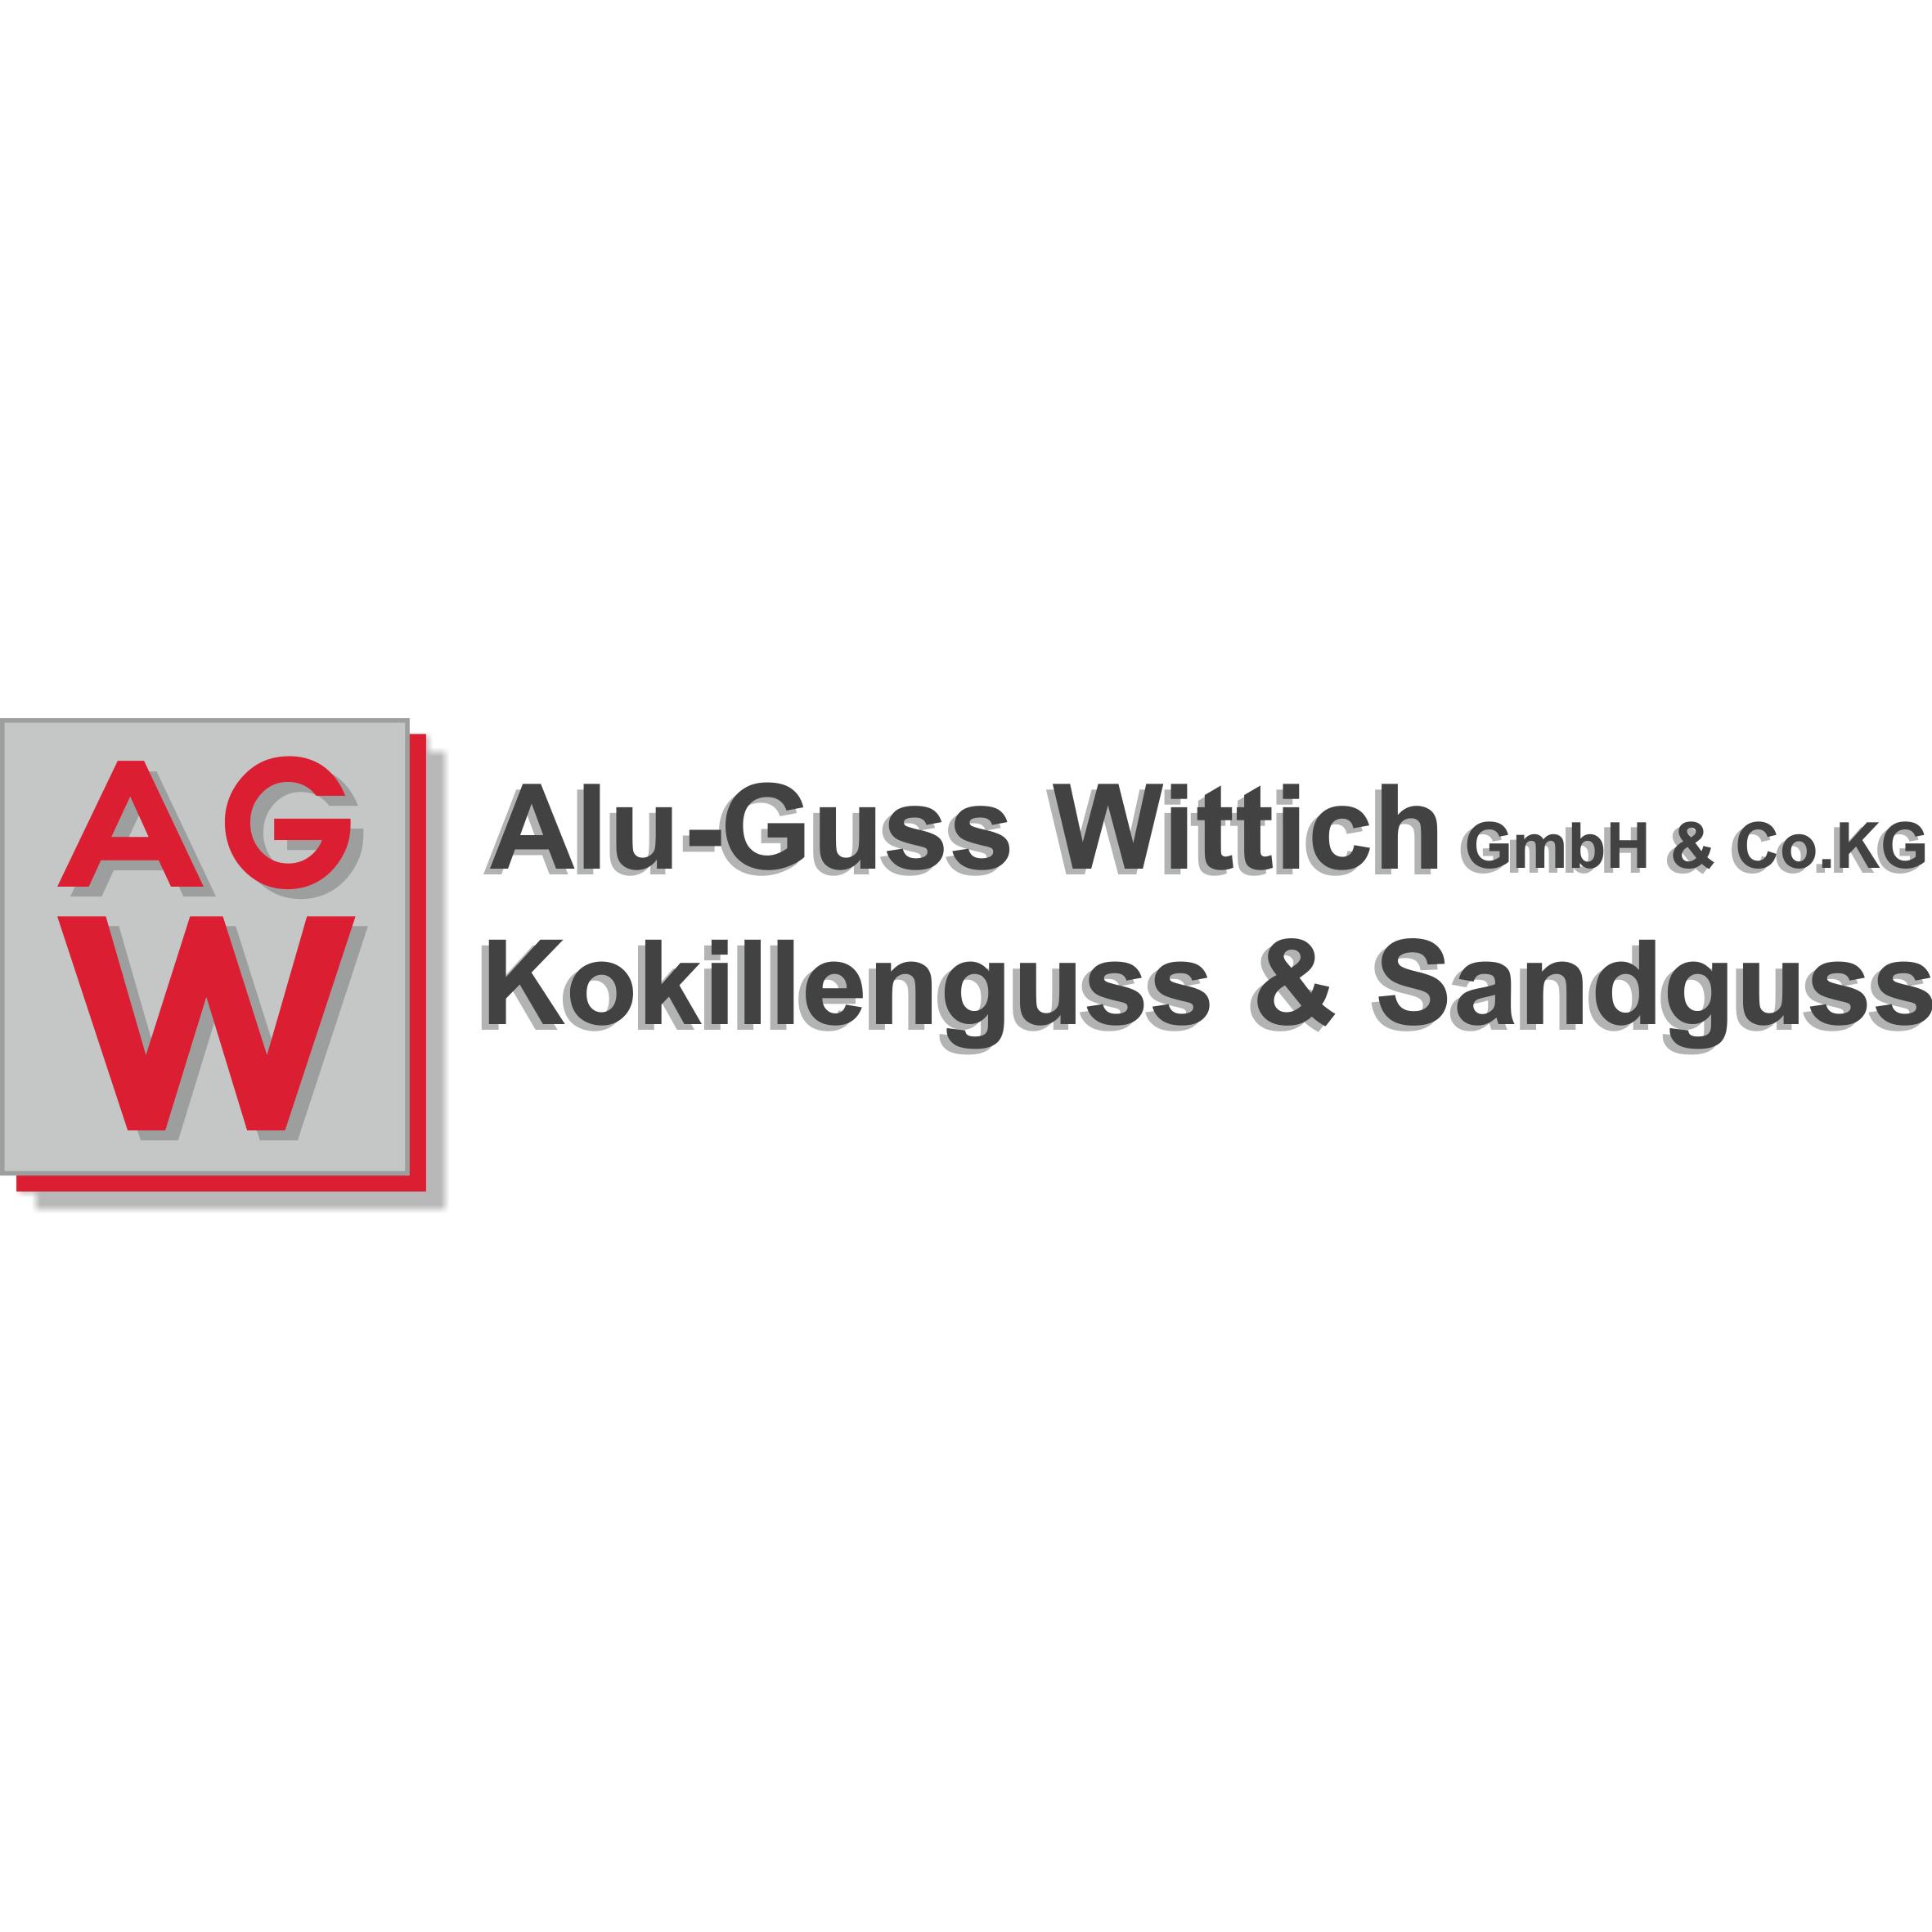 Aluguss-Wittich GmbH & Co. KG